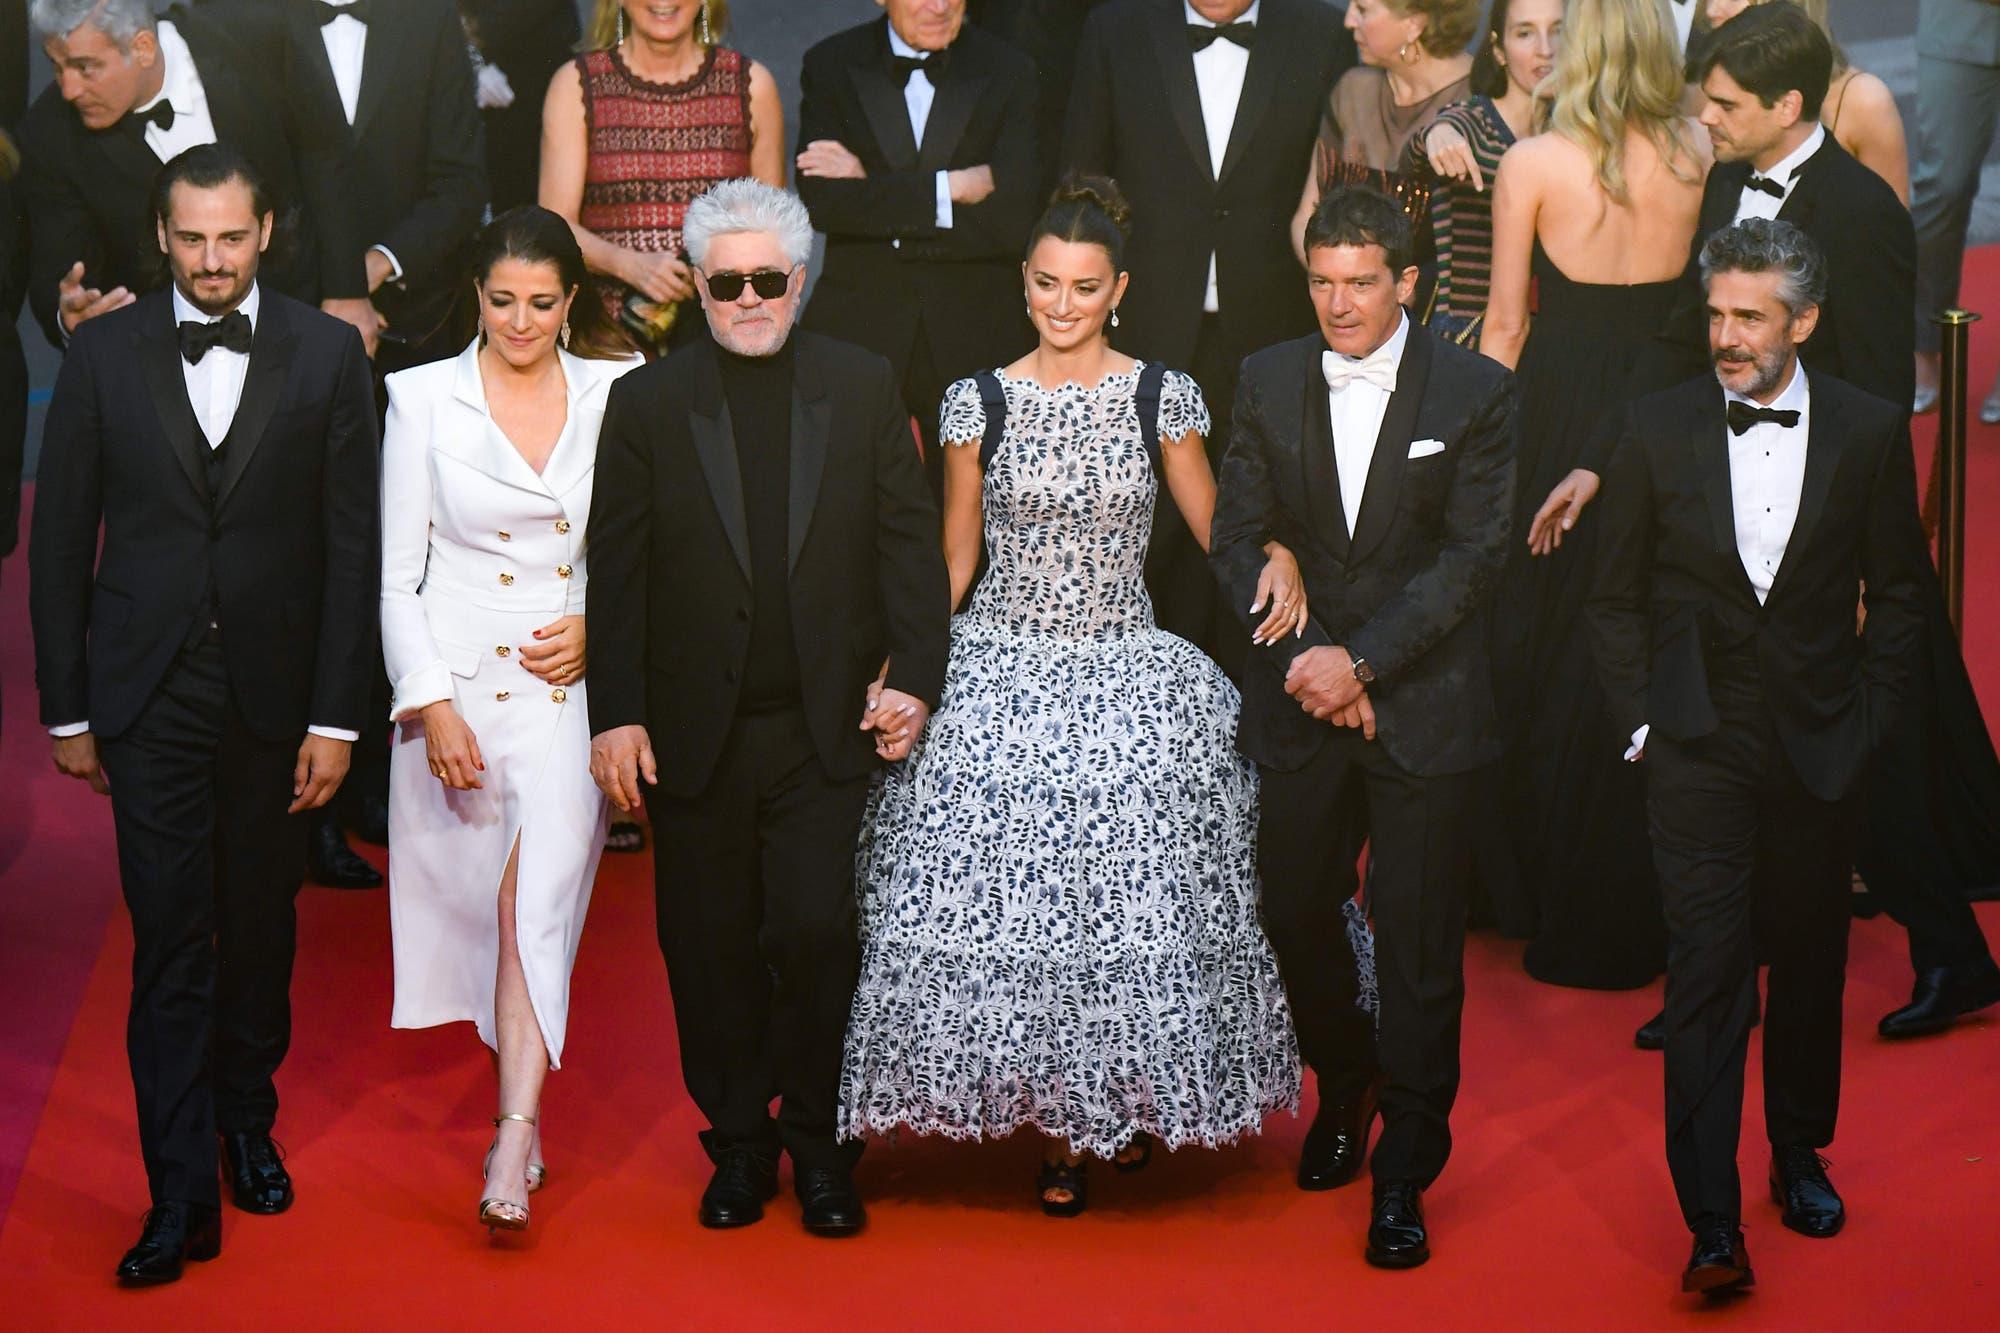 Cannes: Leo Sbaraglia estuvo en la alfombra roja con Penélopez Cruz, Almódovar y Antonio Banderas